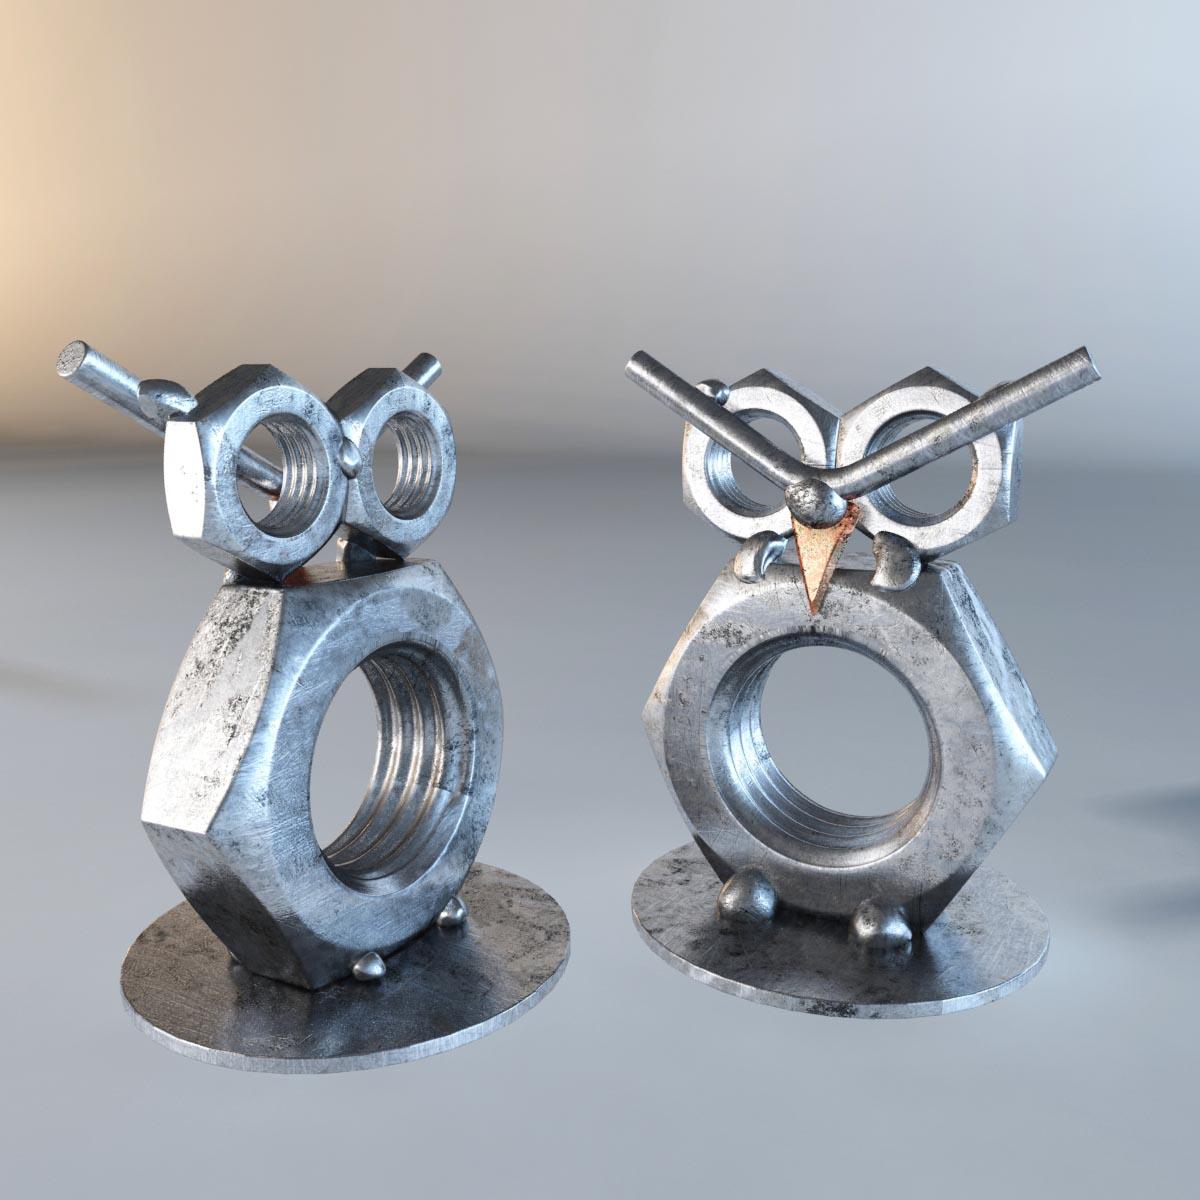 小鸟(装饰品)3D打印模型,小鸟(装饰品)3D模型下载,3D打印小鸟(装饰品)模型下载,小鸟(装饰品)3D模型,小鸟(装饰品)STL格式文件,小鸟(装饰品)3D打印模型免费下载,3D打印模型库